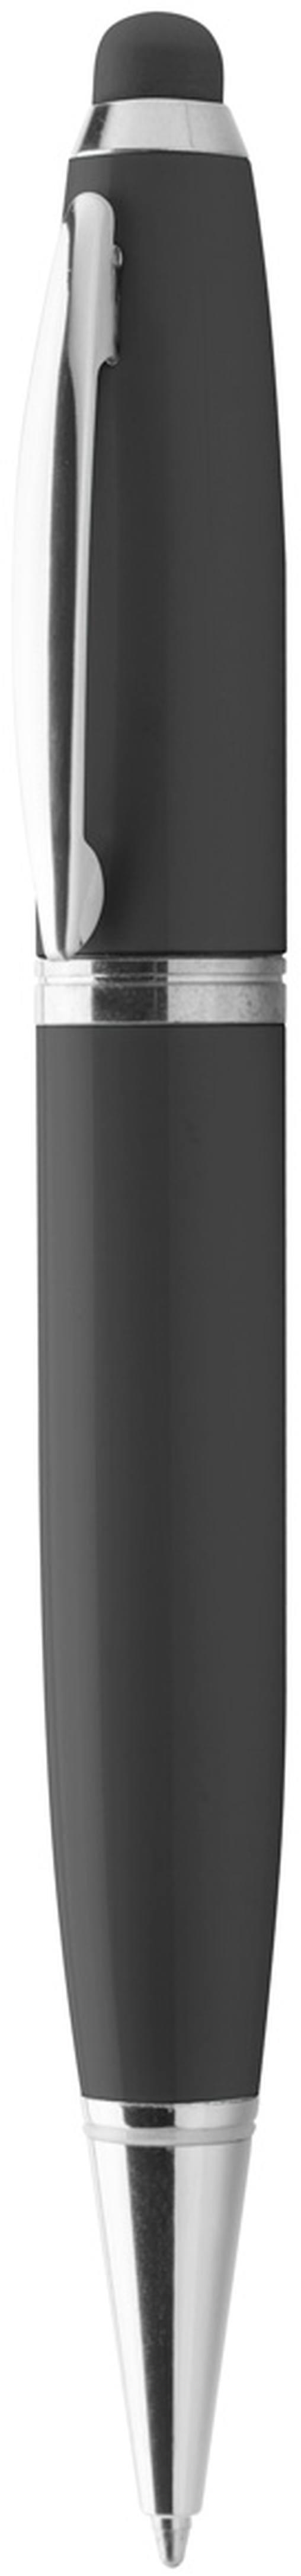 Sivart 8GB USB pero